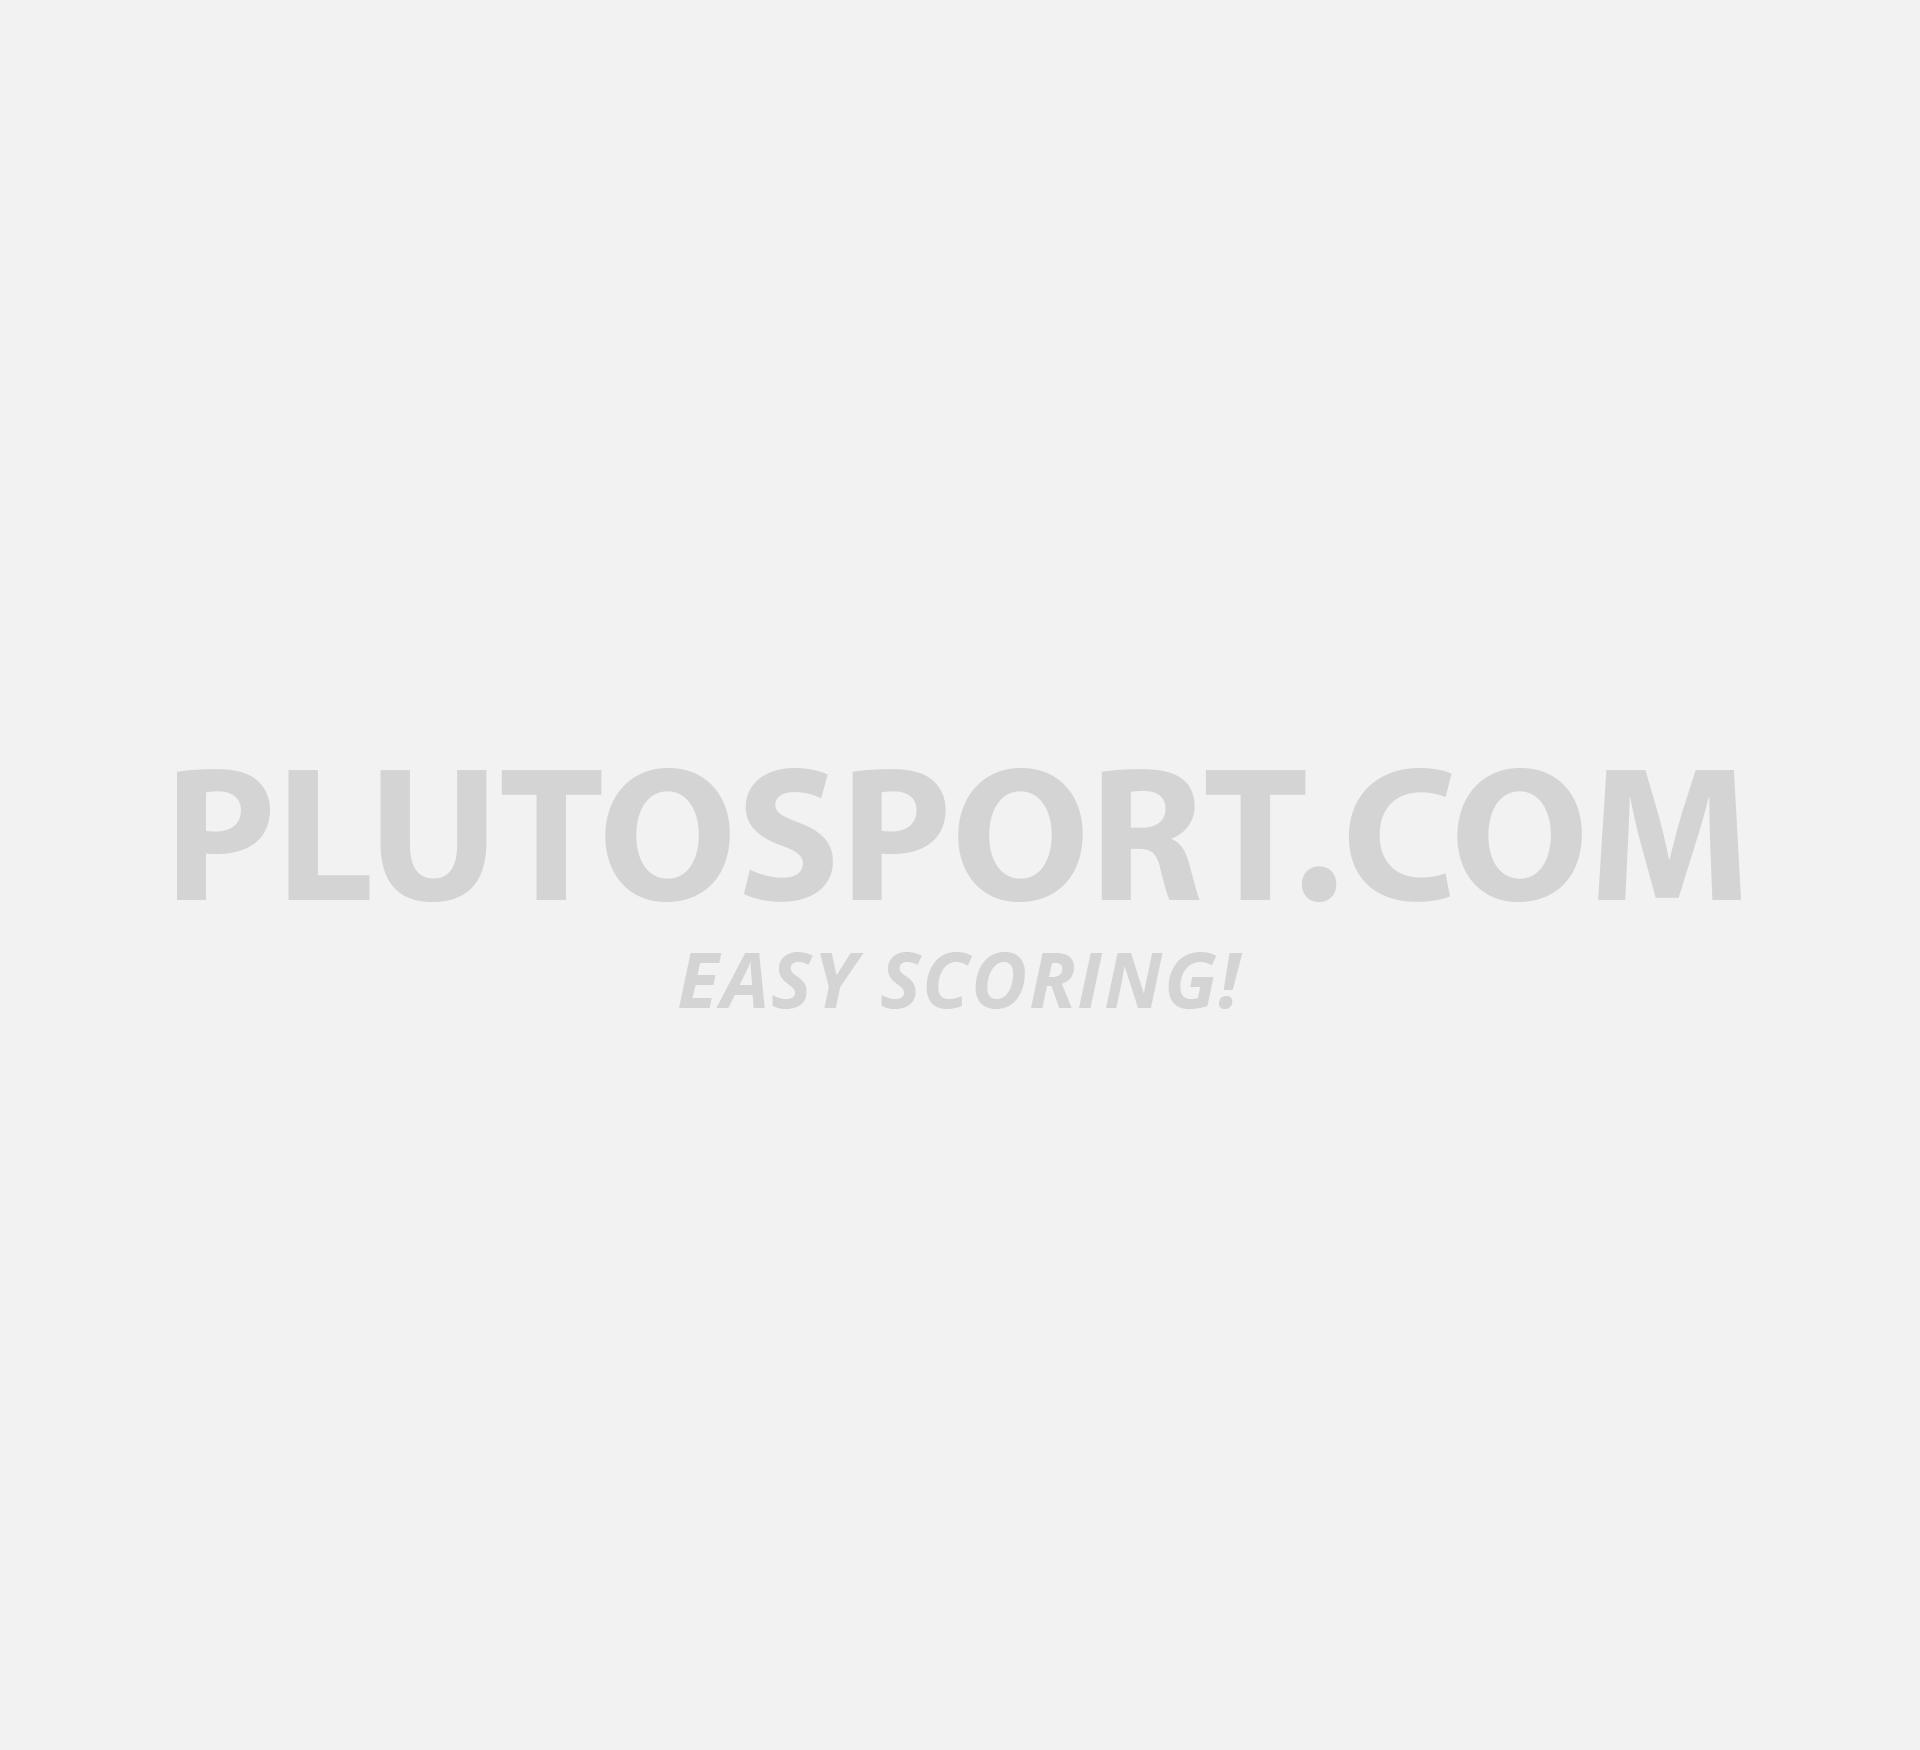 Asics Gel-estoril Zapatos De Damas De La Corte De Tenis 2WnClWx